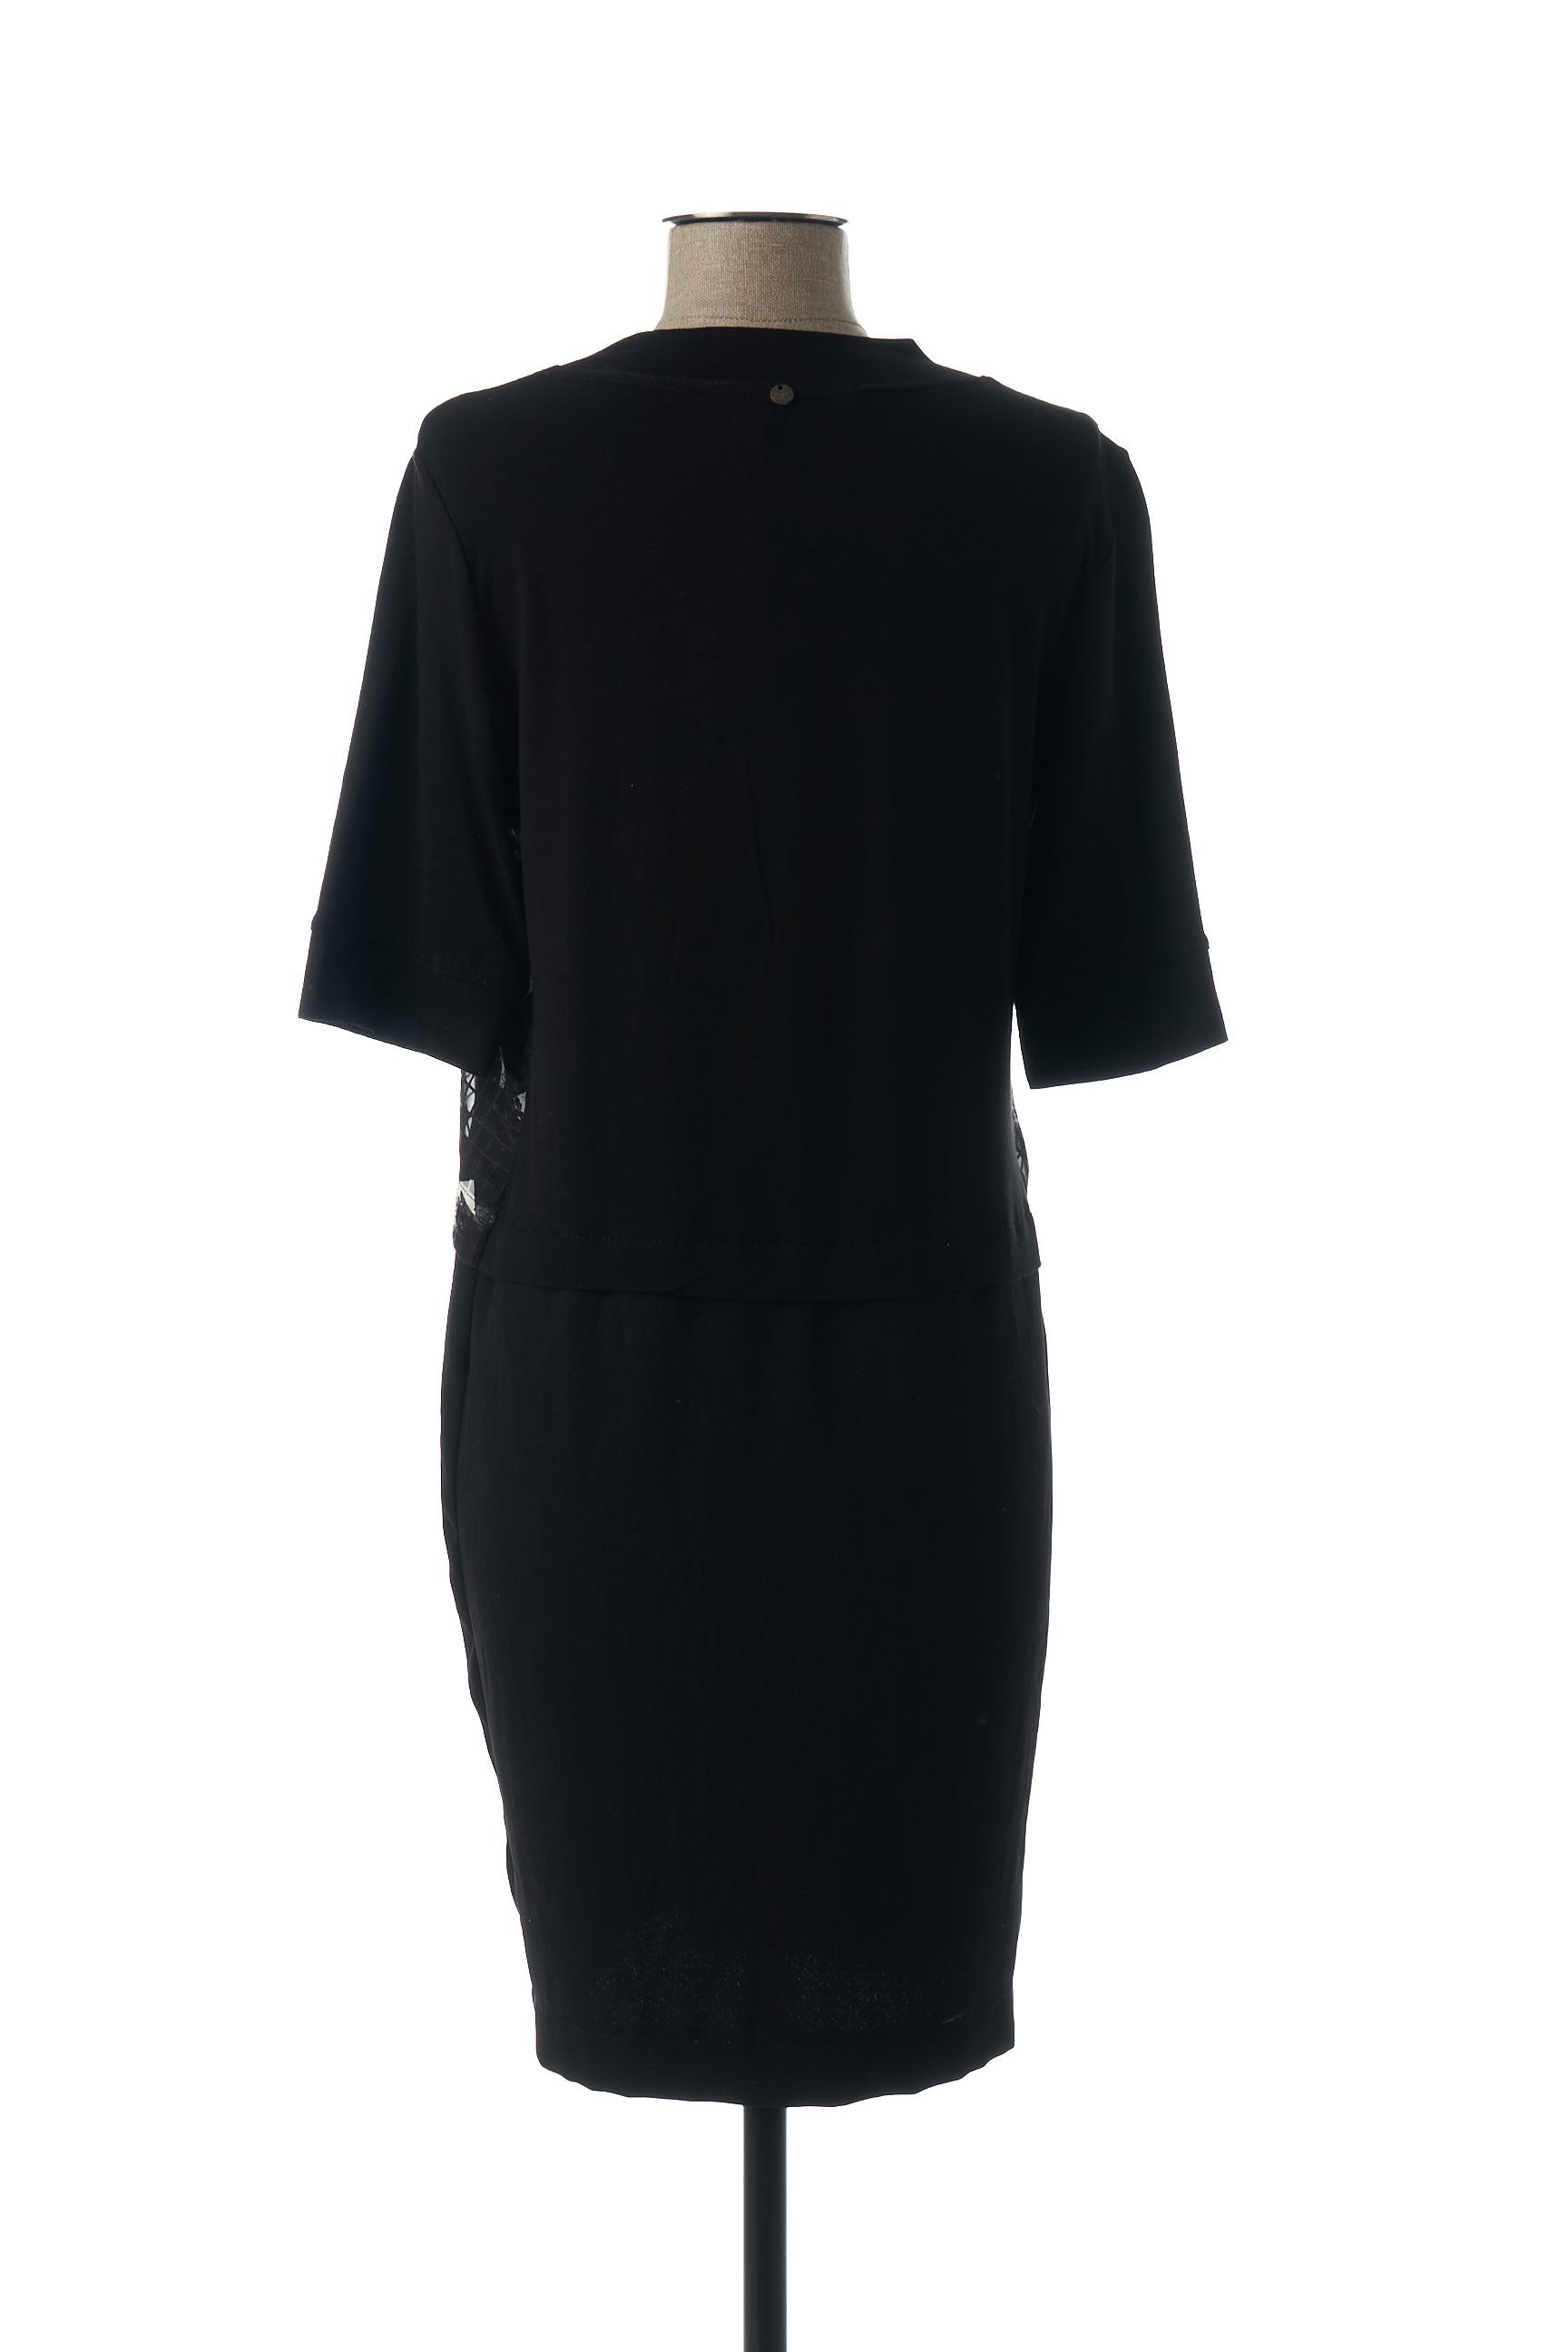 Mado Et Les Autres Robes Mi Longues Femme De Couleur Noir En Soldes Pas Cher 1440096-noir00